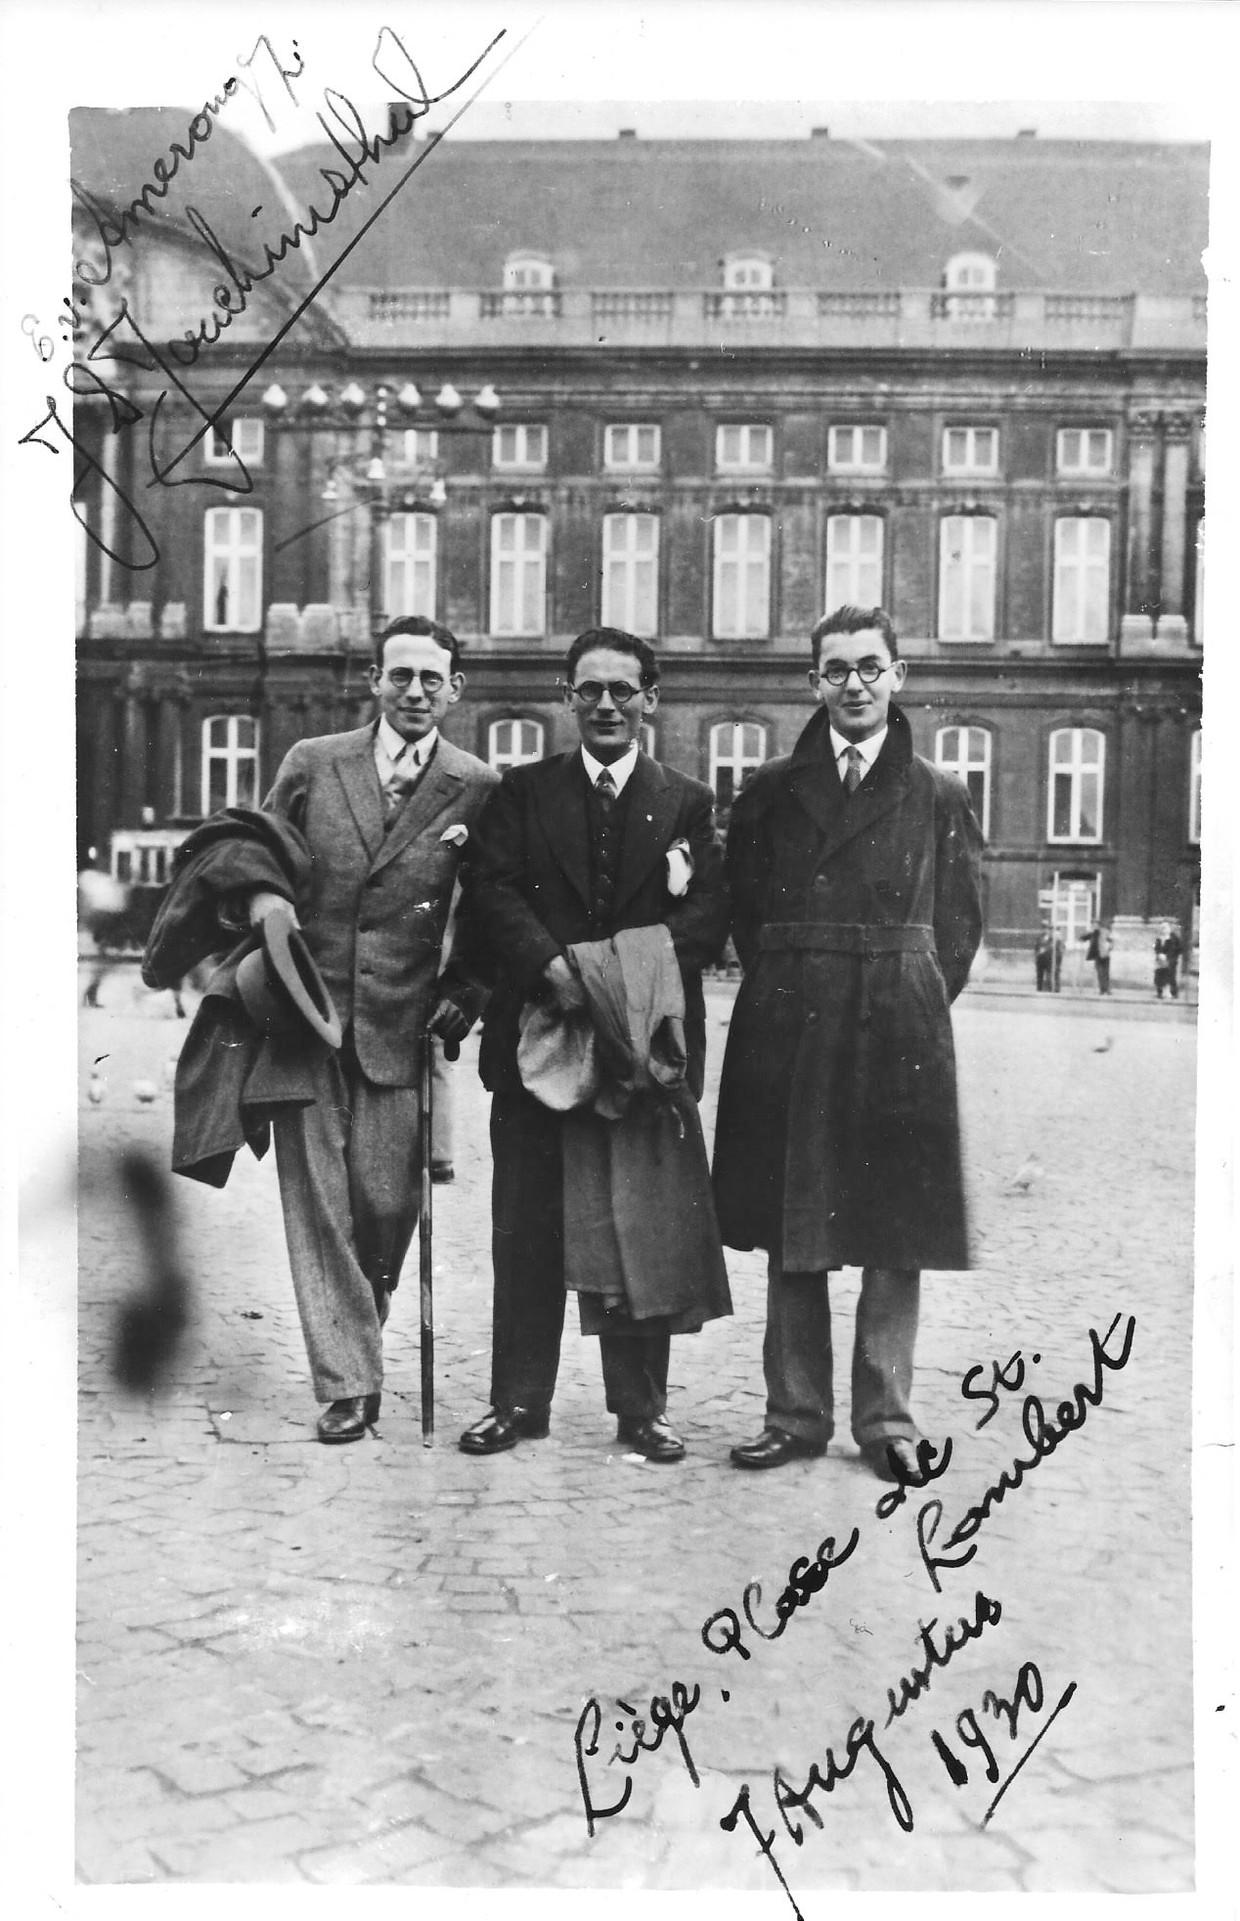 Eddy van Amerongen, Izaak de Vries en Jonas Salomon Joachimsthal (v.l.n.r.), de drie toenmalige directeuren van Joachimstahl tijdens een bezoek aan Luik in 1930. Beeld Joods Historisch Museum